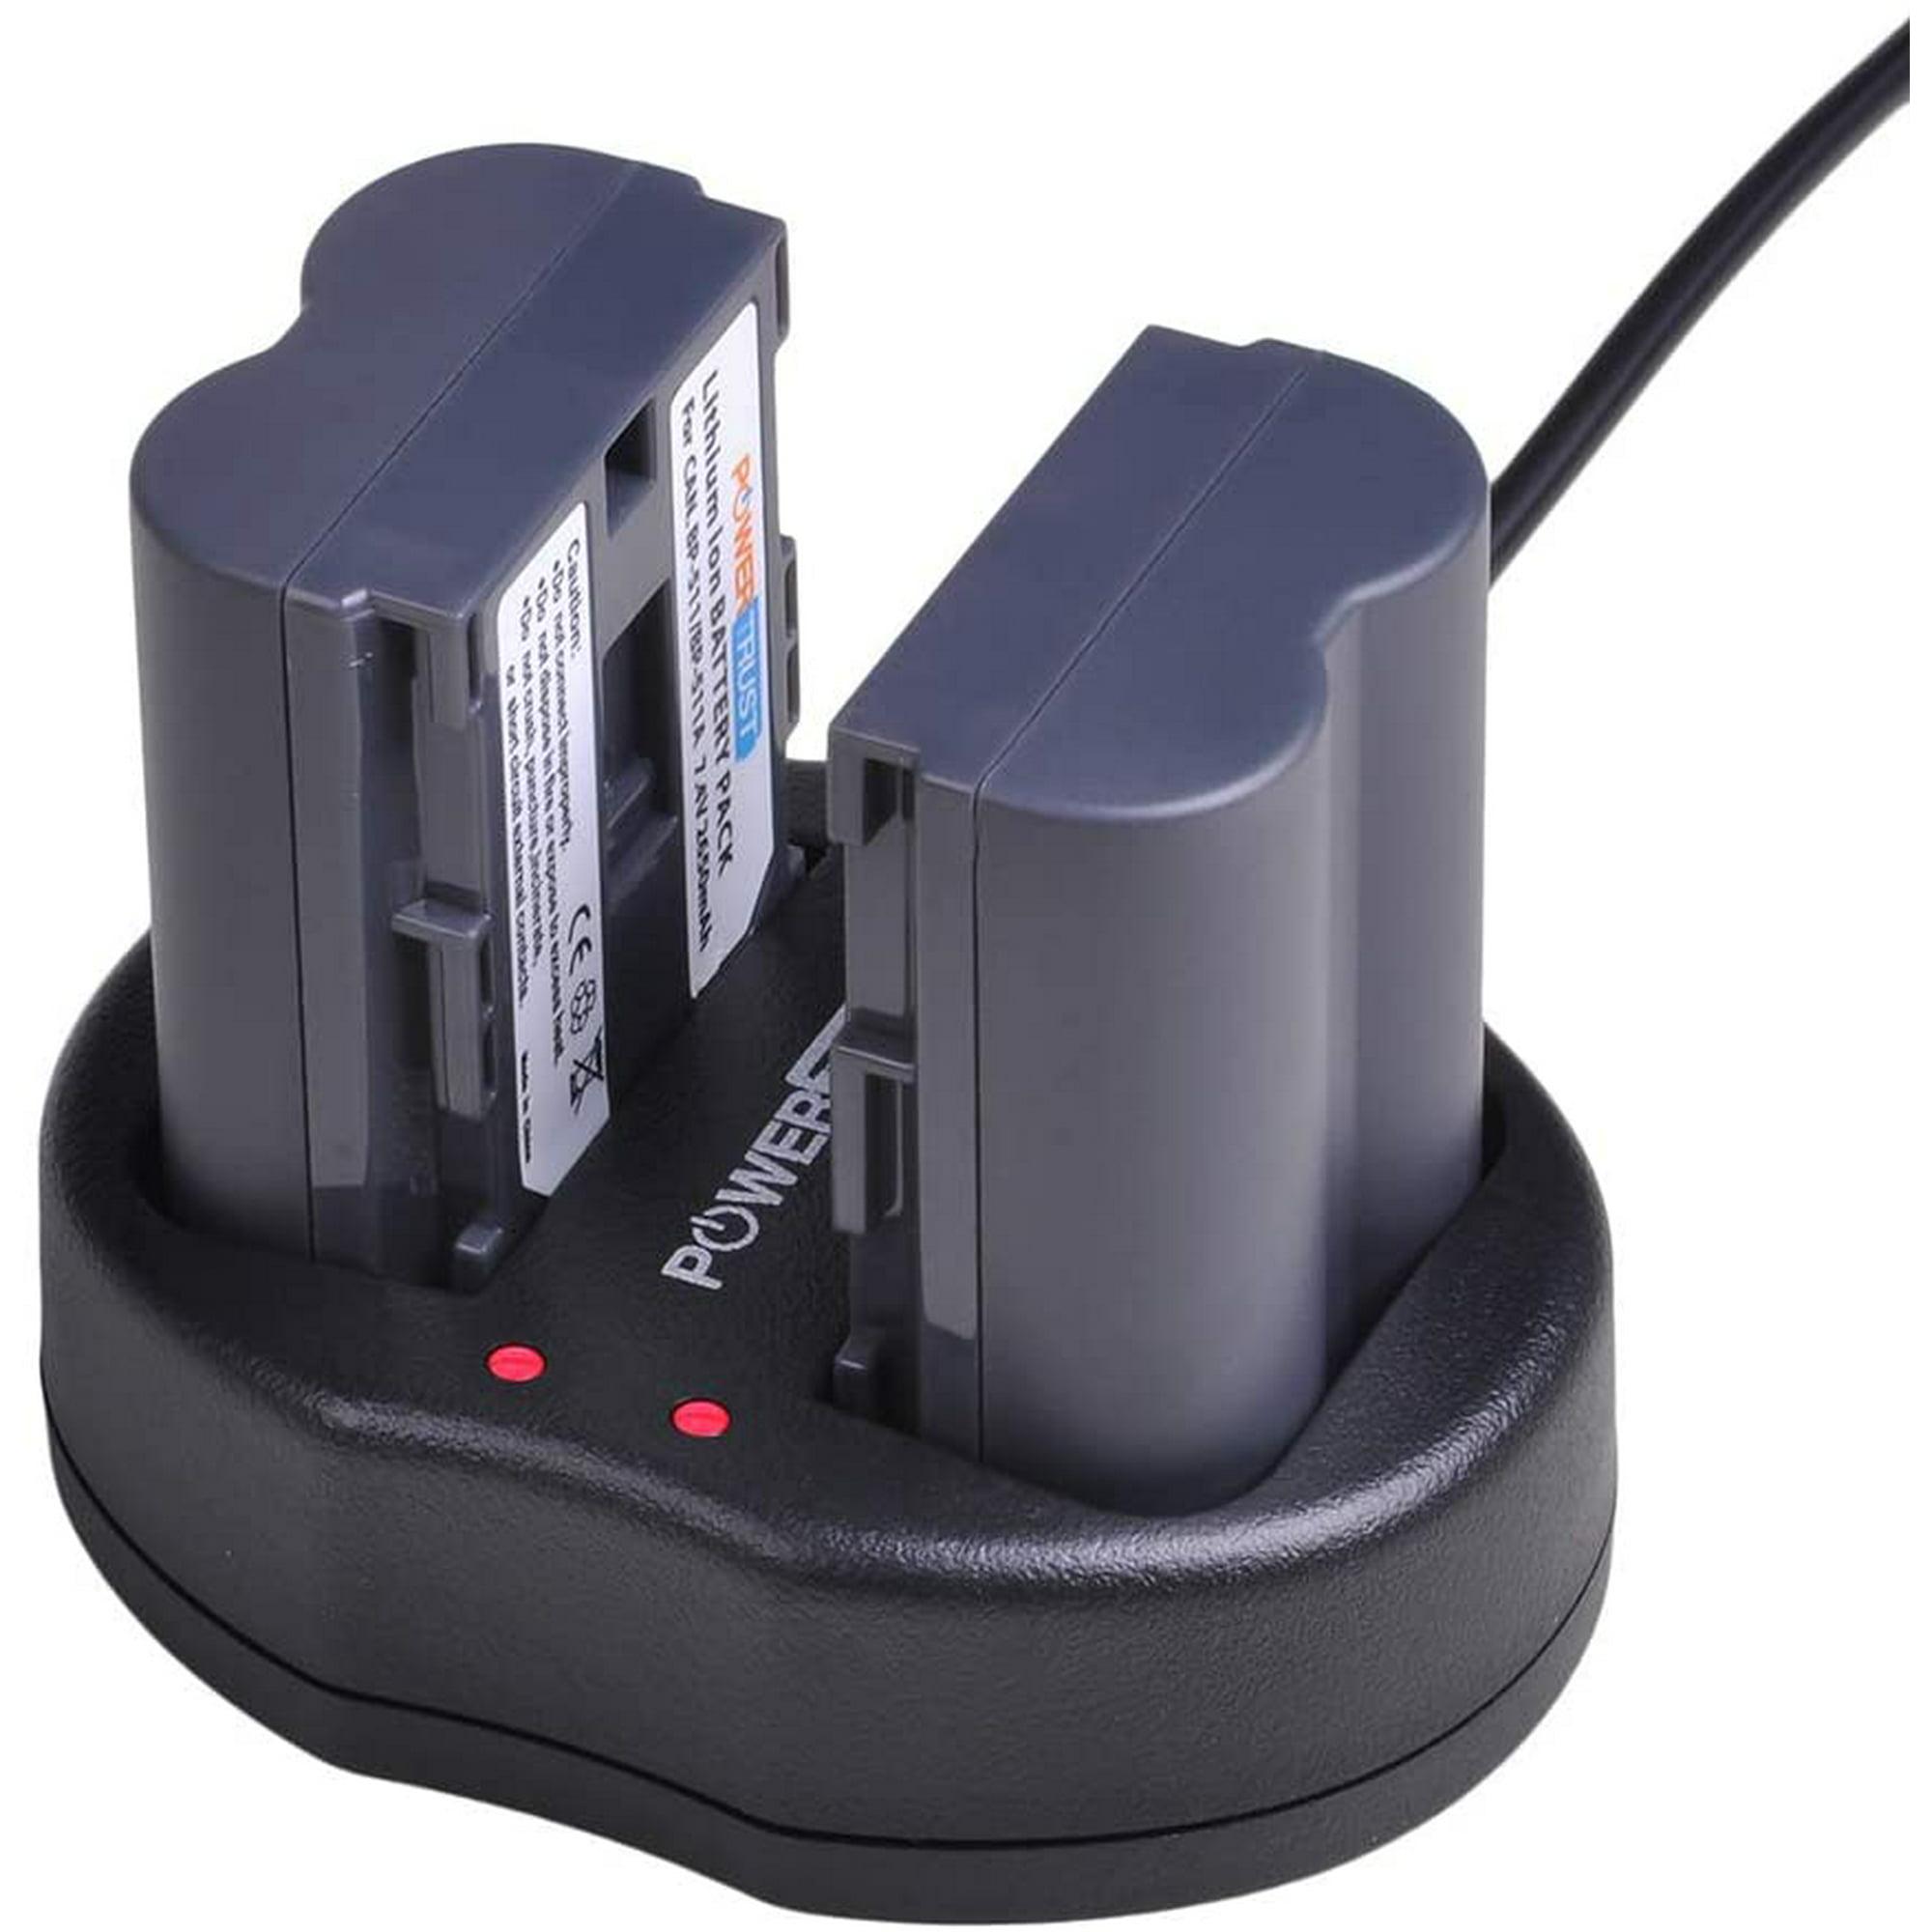 et Chargeur USB Costume pour Canon BP-511 BP-511A DSTE BP-511 Li-ION Batterie 2-Pack